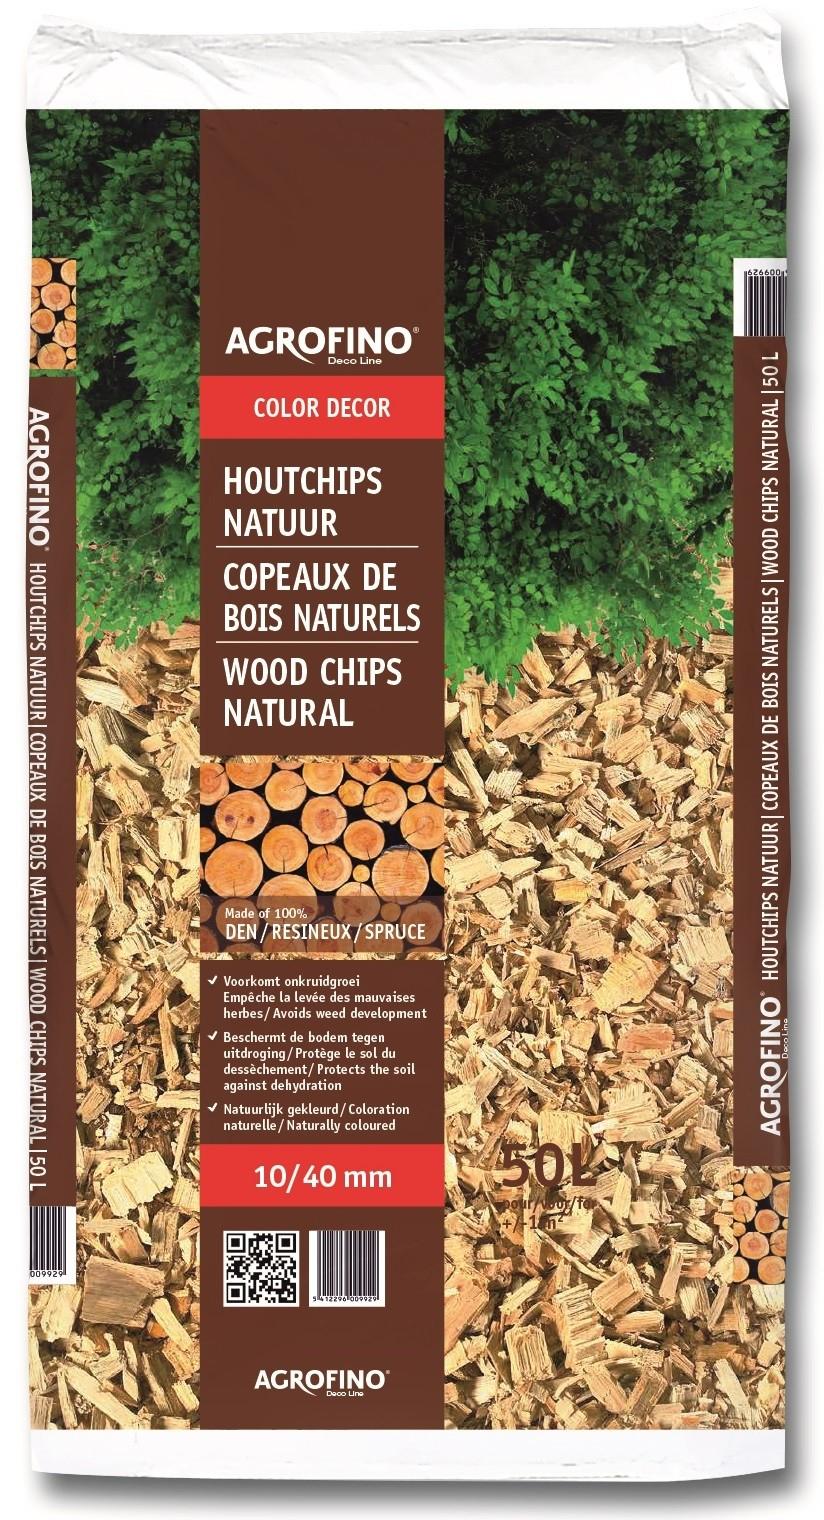 Copeaux De Bois Naturels 50 L Agrofino - Mr.bricolage concernant Copeaux De Bois Jardin